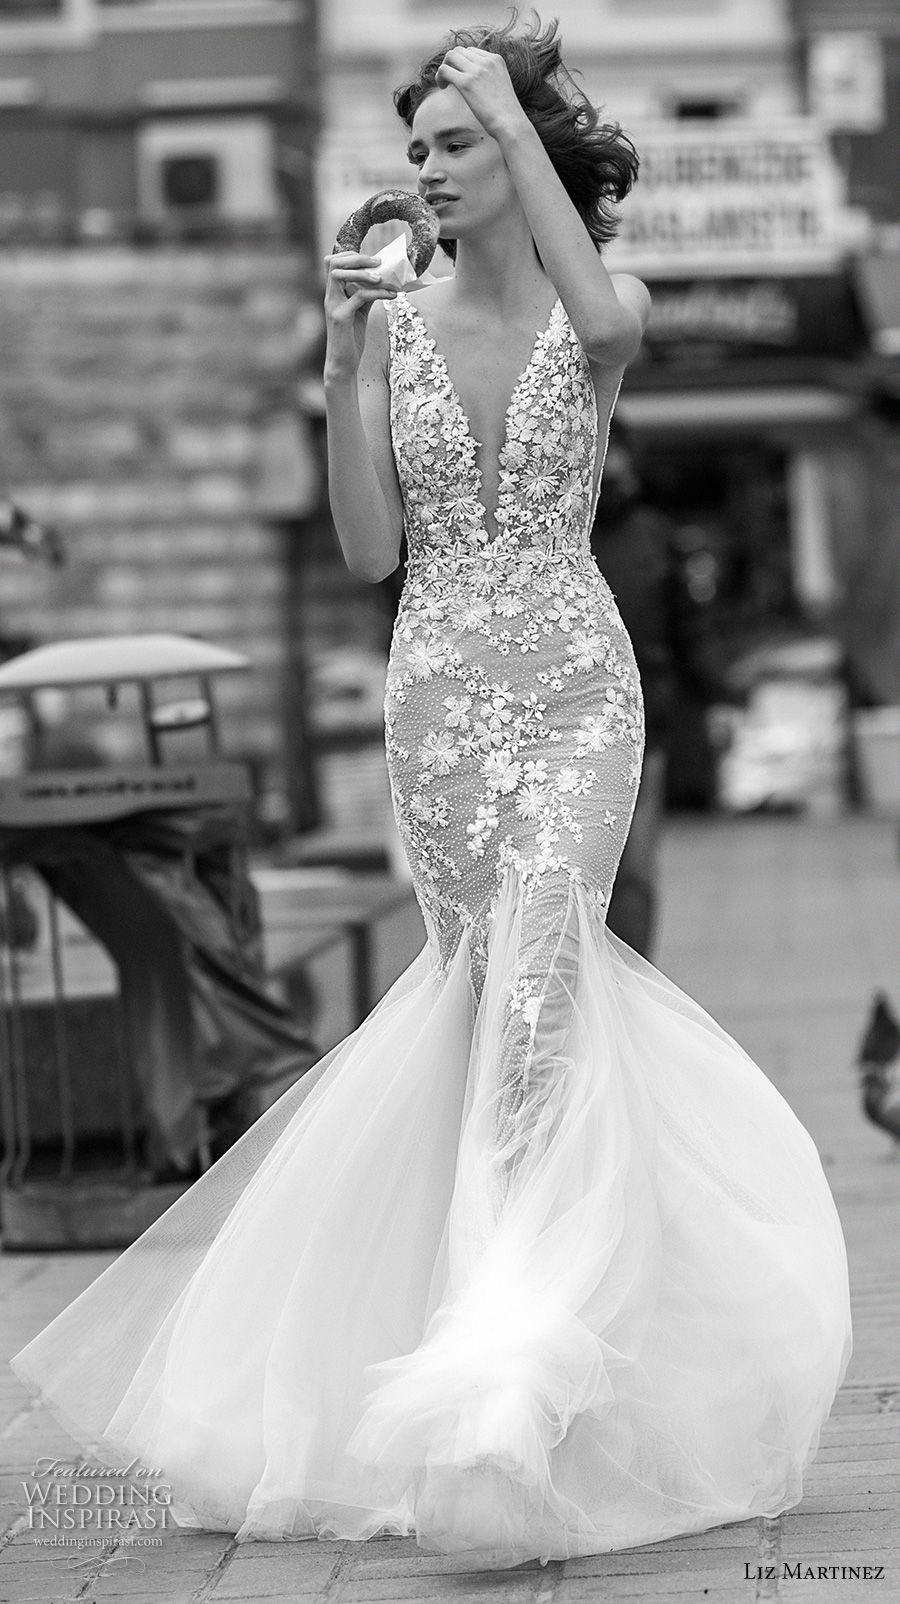 White mermaid wedding dress  Liz Martinez  Wedding Dresses u ucIstanbulud Bridal Collection